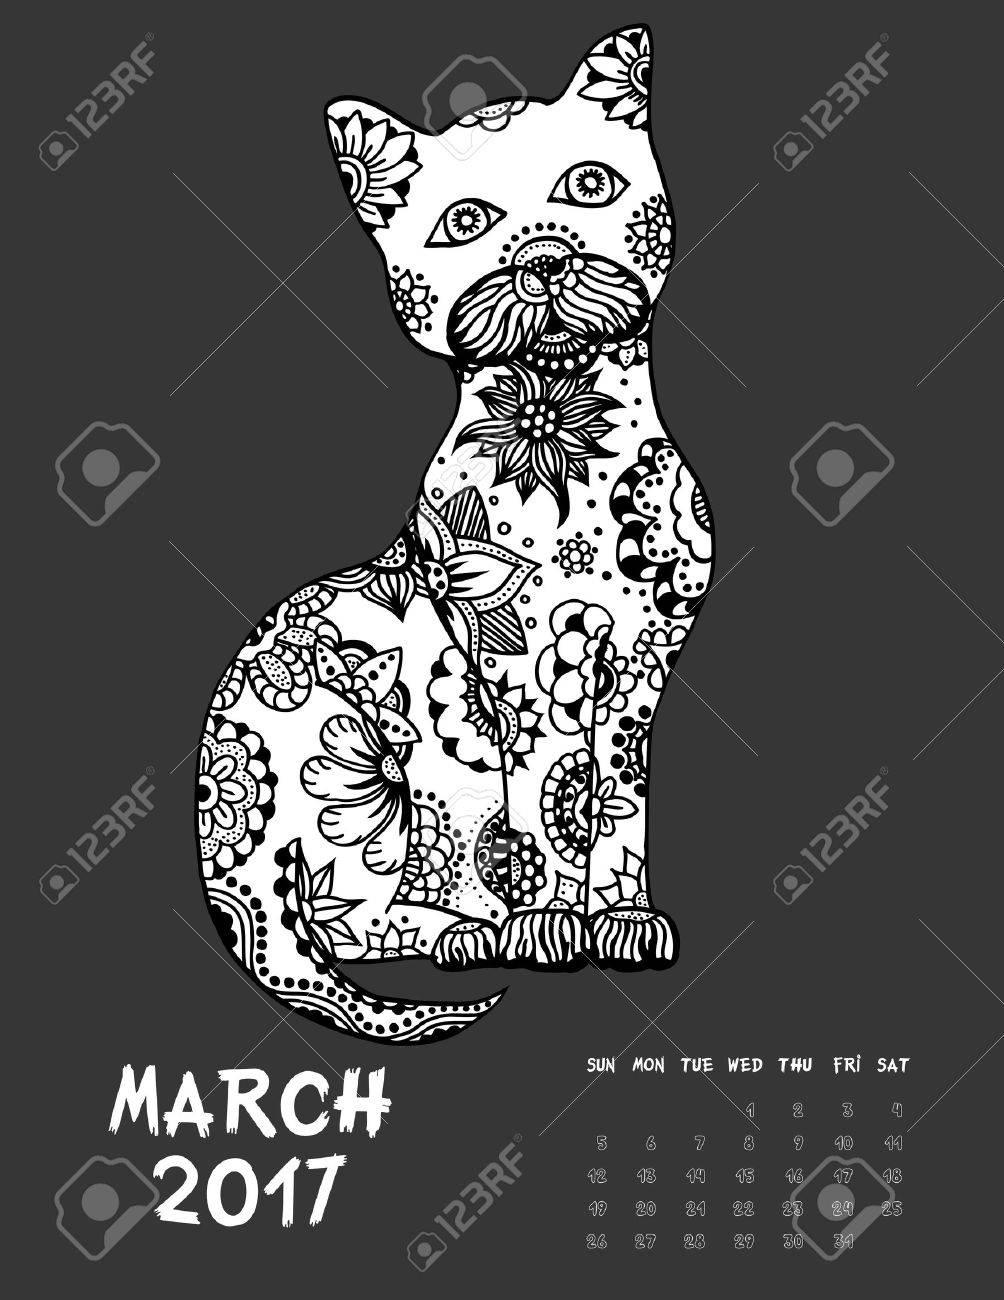 März, 2017 Kalender. Line Art Schwarz-Weiß-Illustration. Katze ...